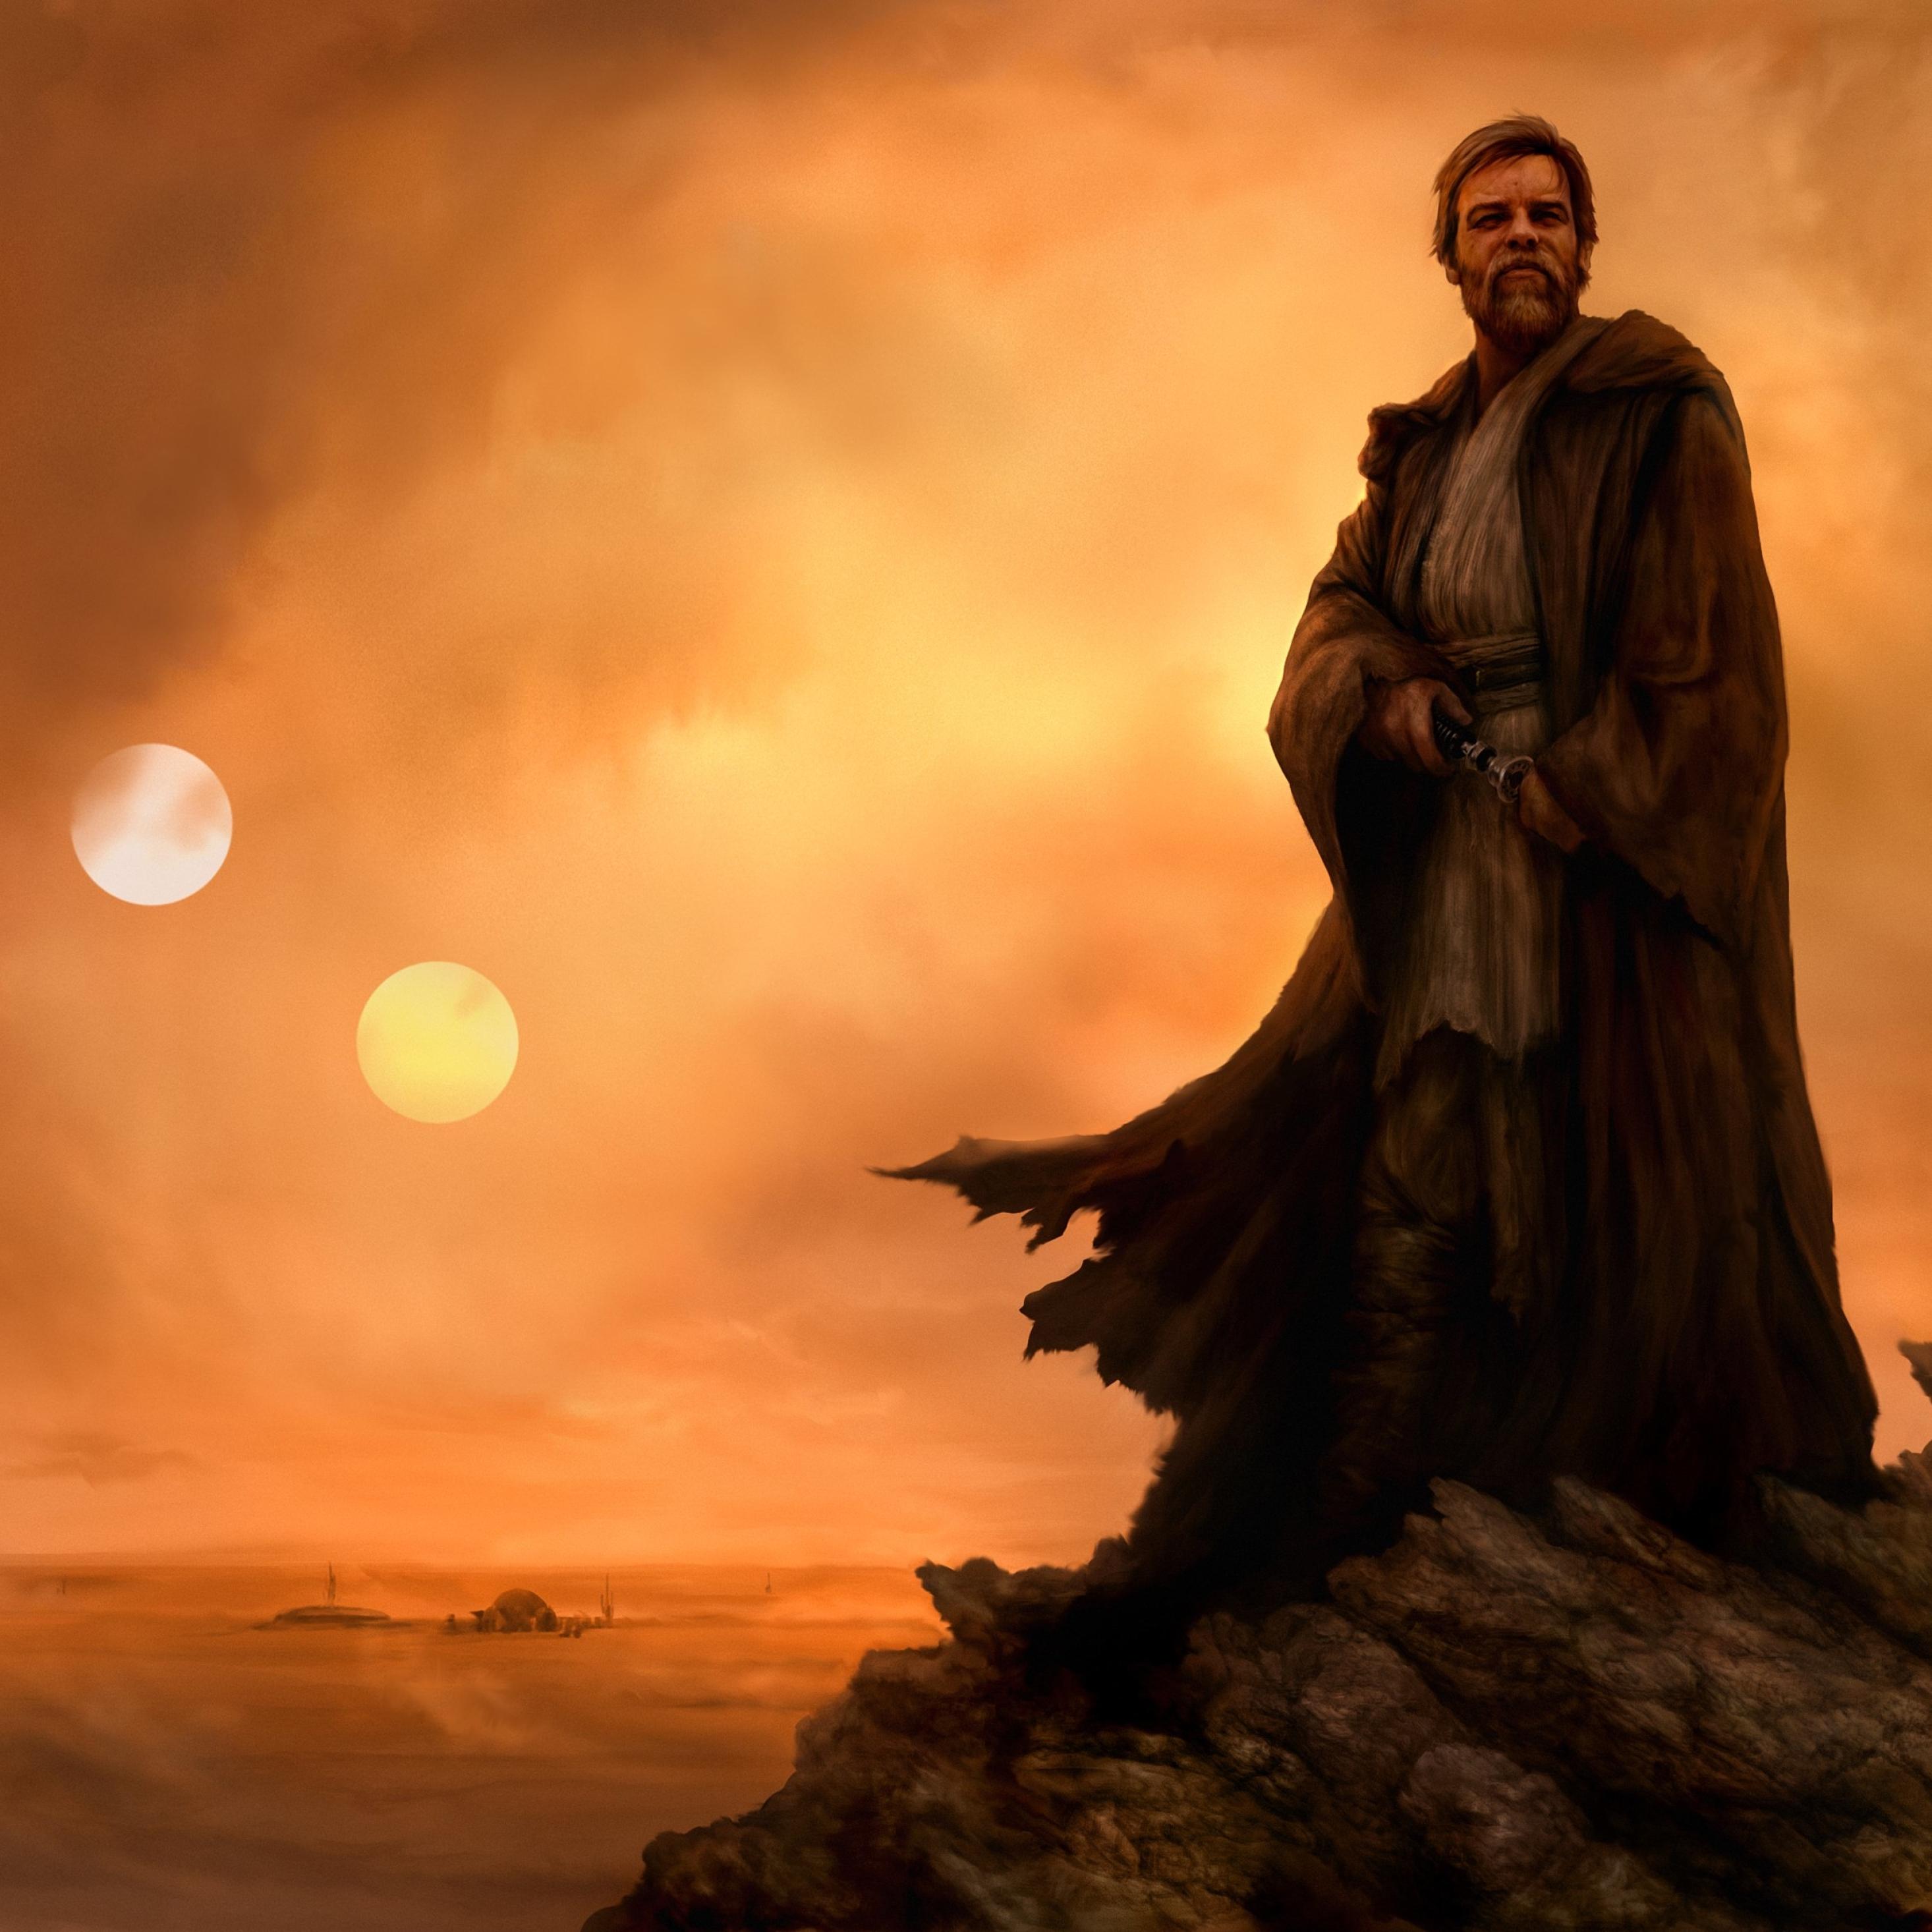 2932x2932 Star Wars Obi Wan Artwork Ipad Pro Retina Display